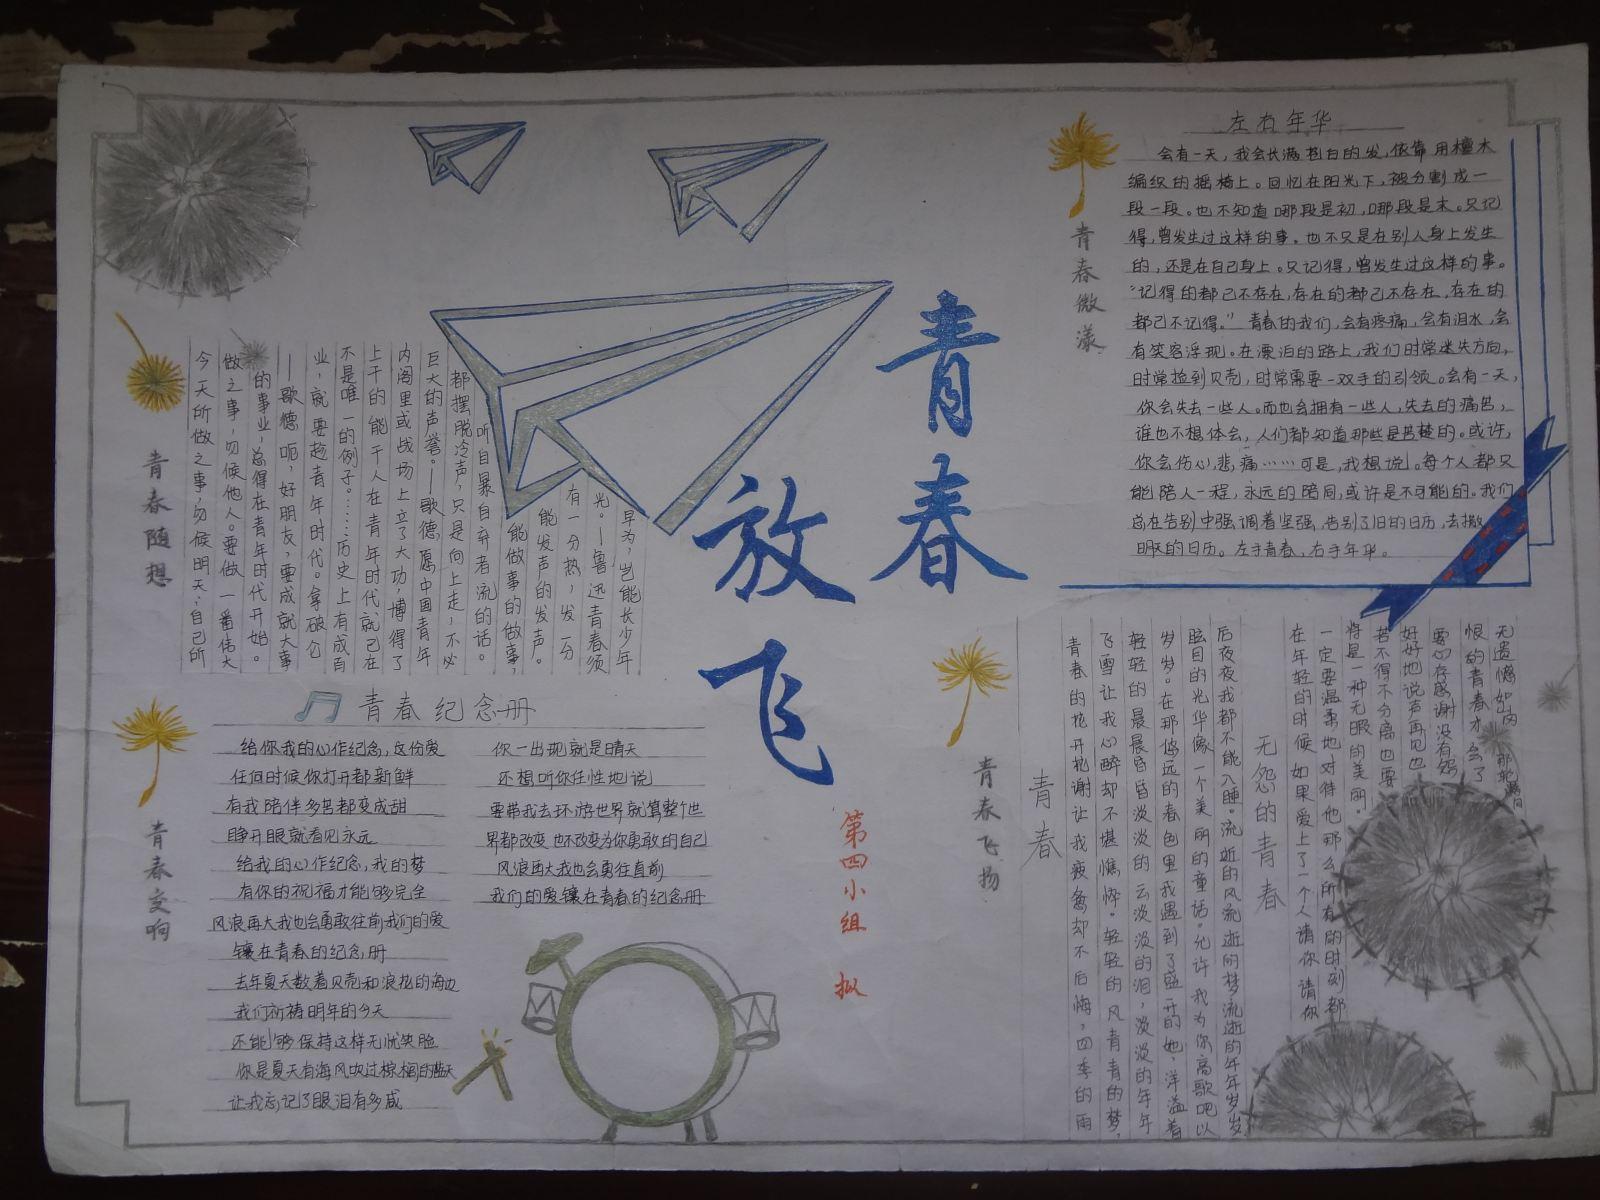 小编收集了青春手抄报版面设计图,理想手抄报版面设计图等,欢迎大家